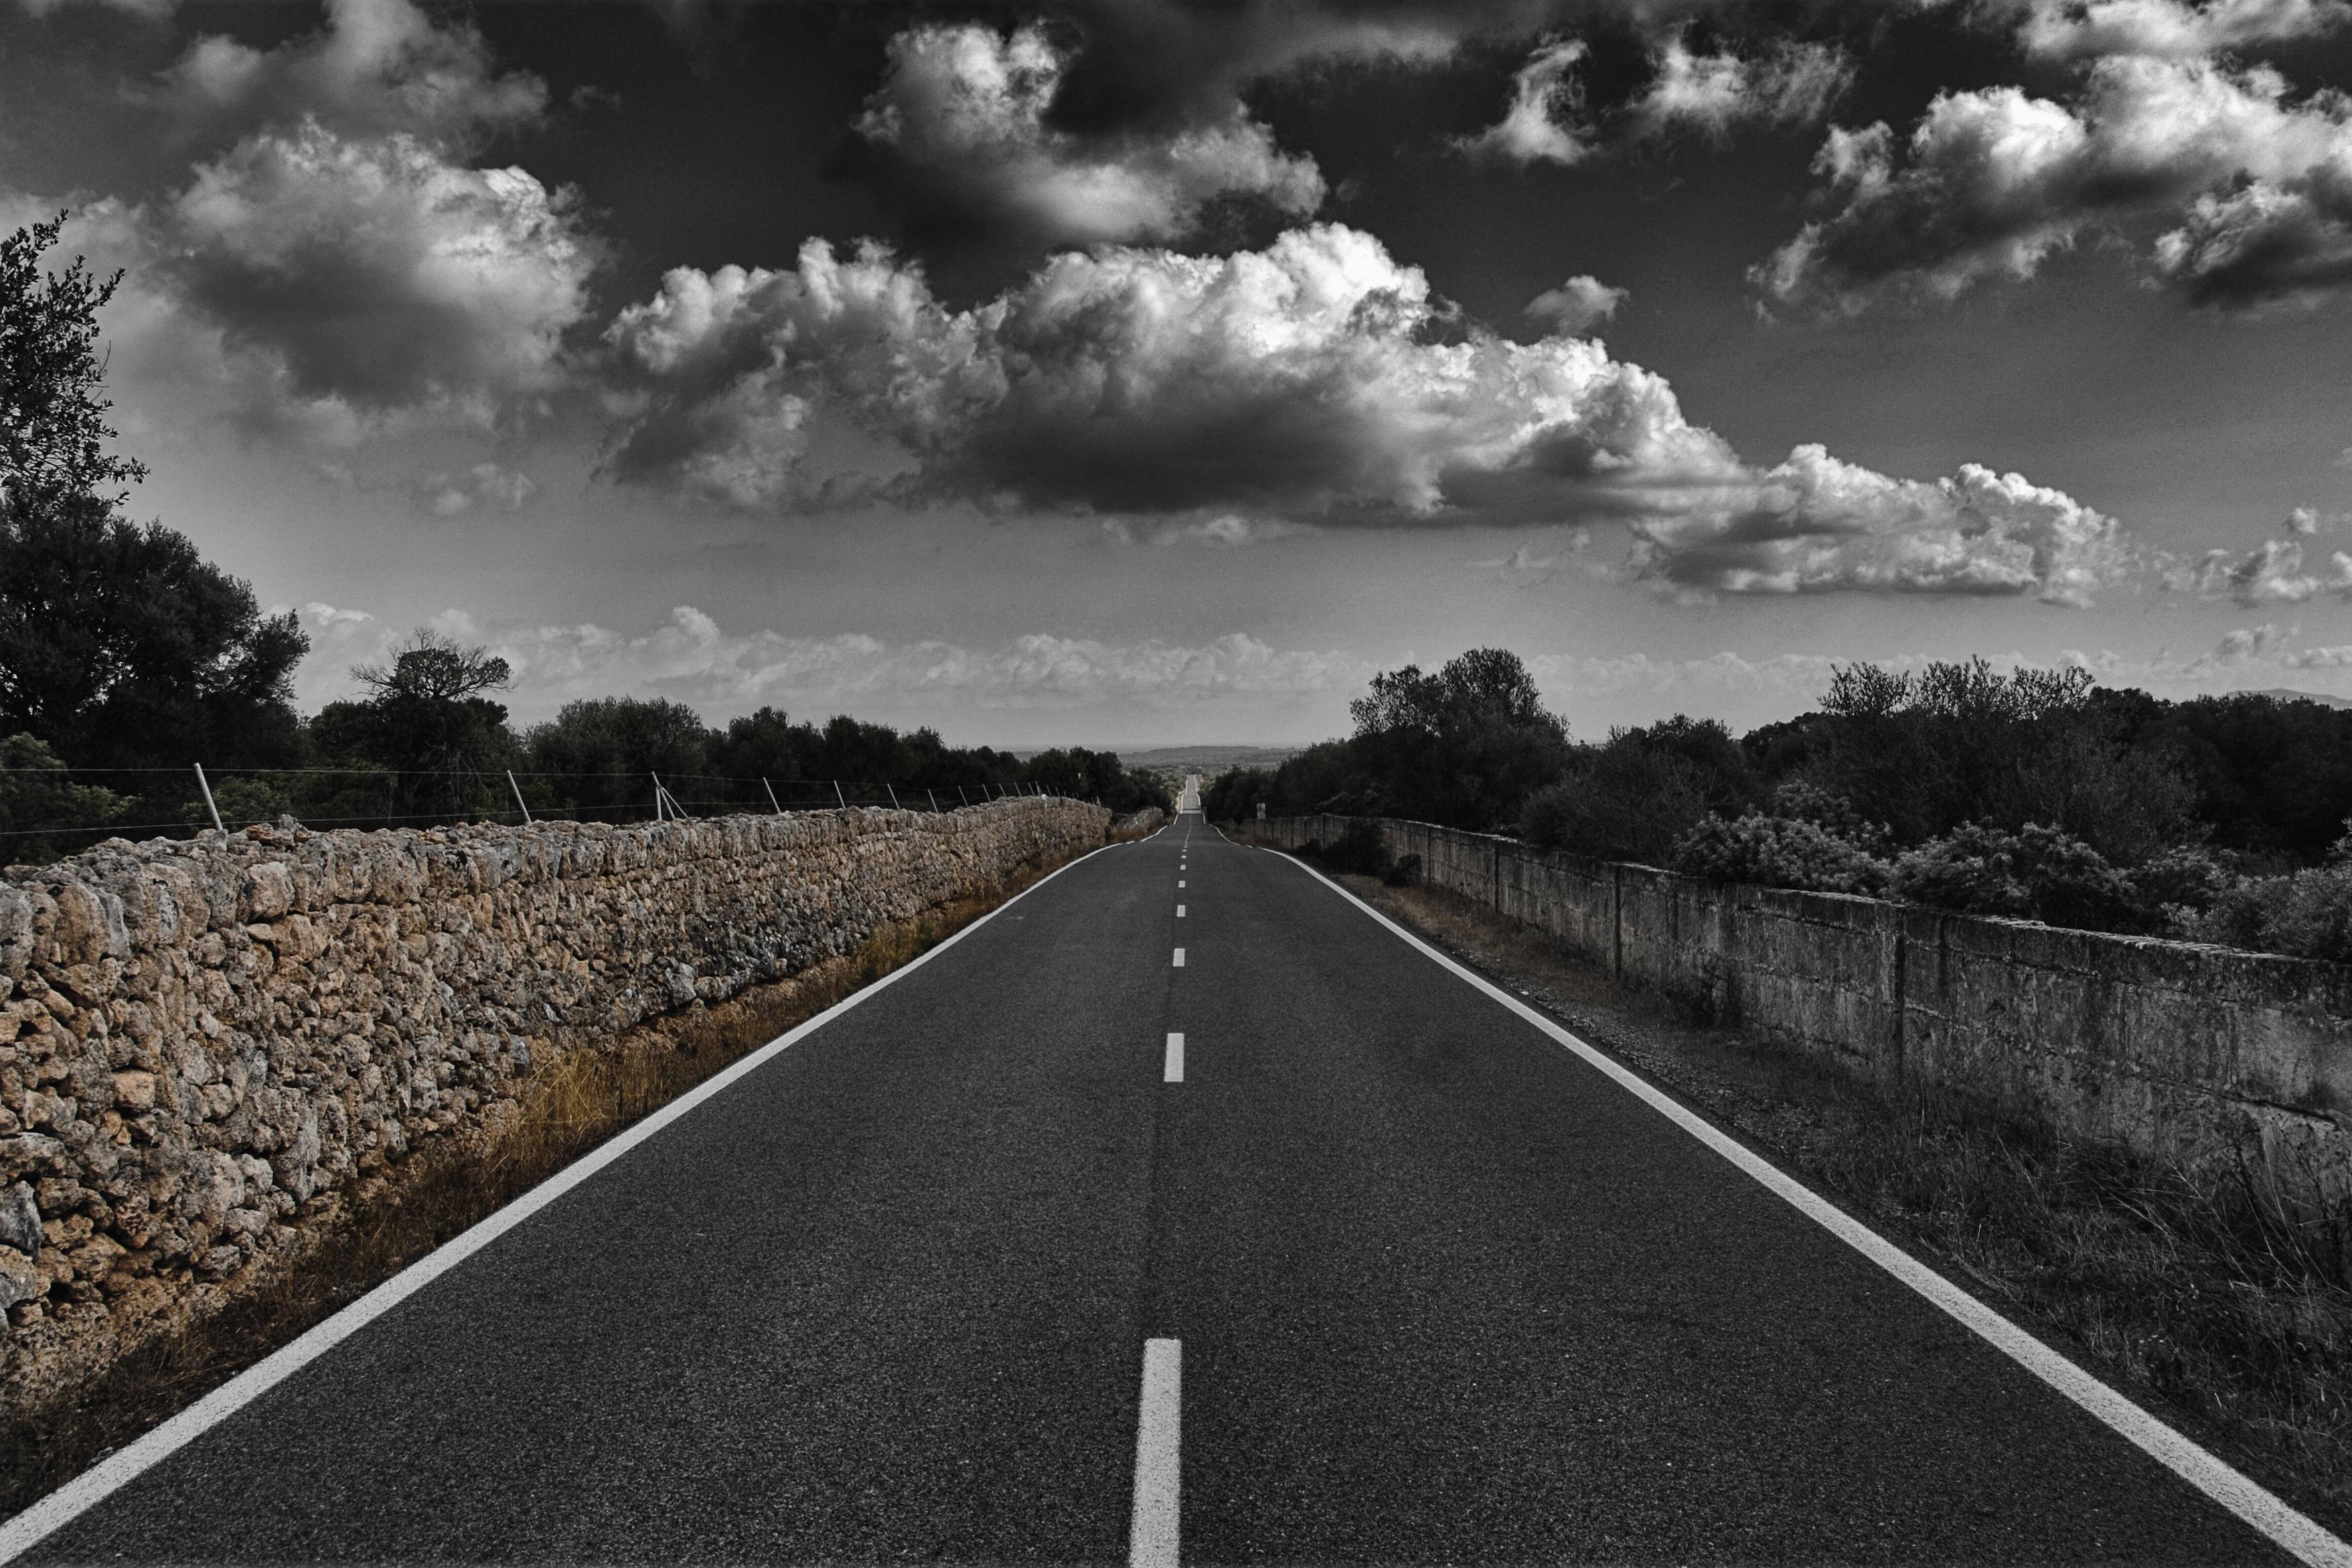 fotos gratis nube en blanco y negro la carretera ver autopista asfalto oscuridad. Black Bedroom Furniture Sets. Home Design Ideas